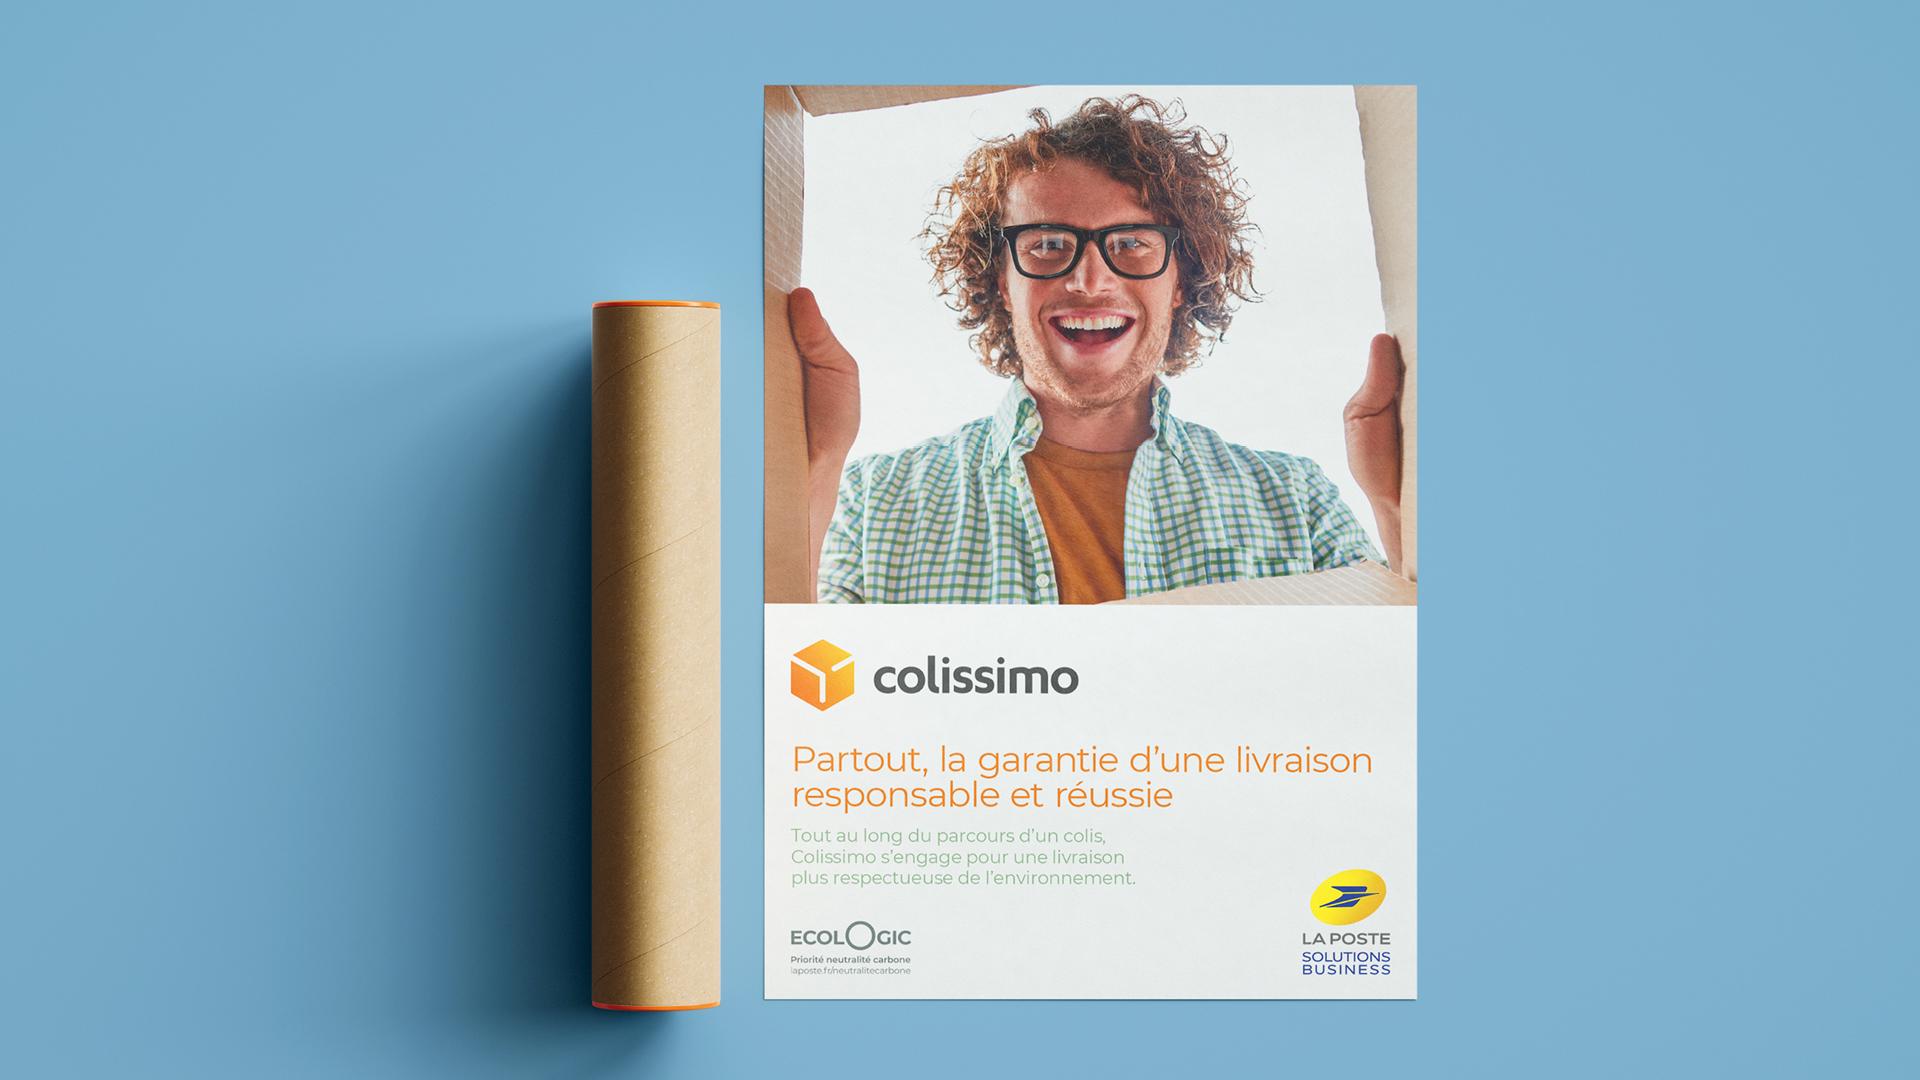 colissimo_casclient22